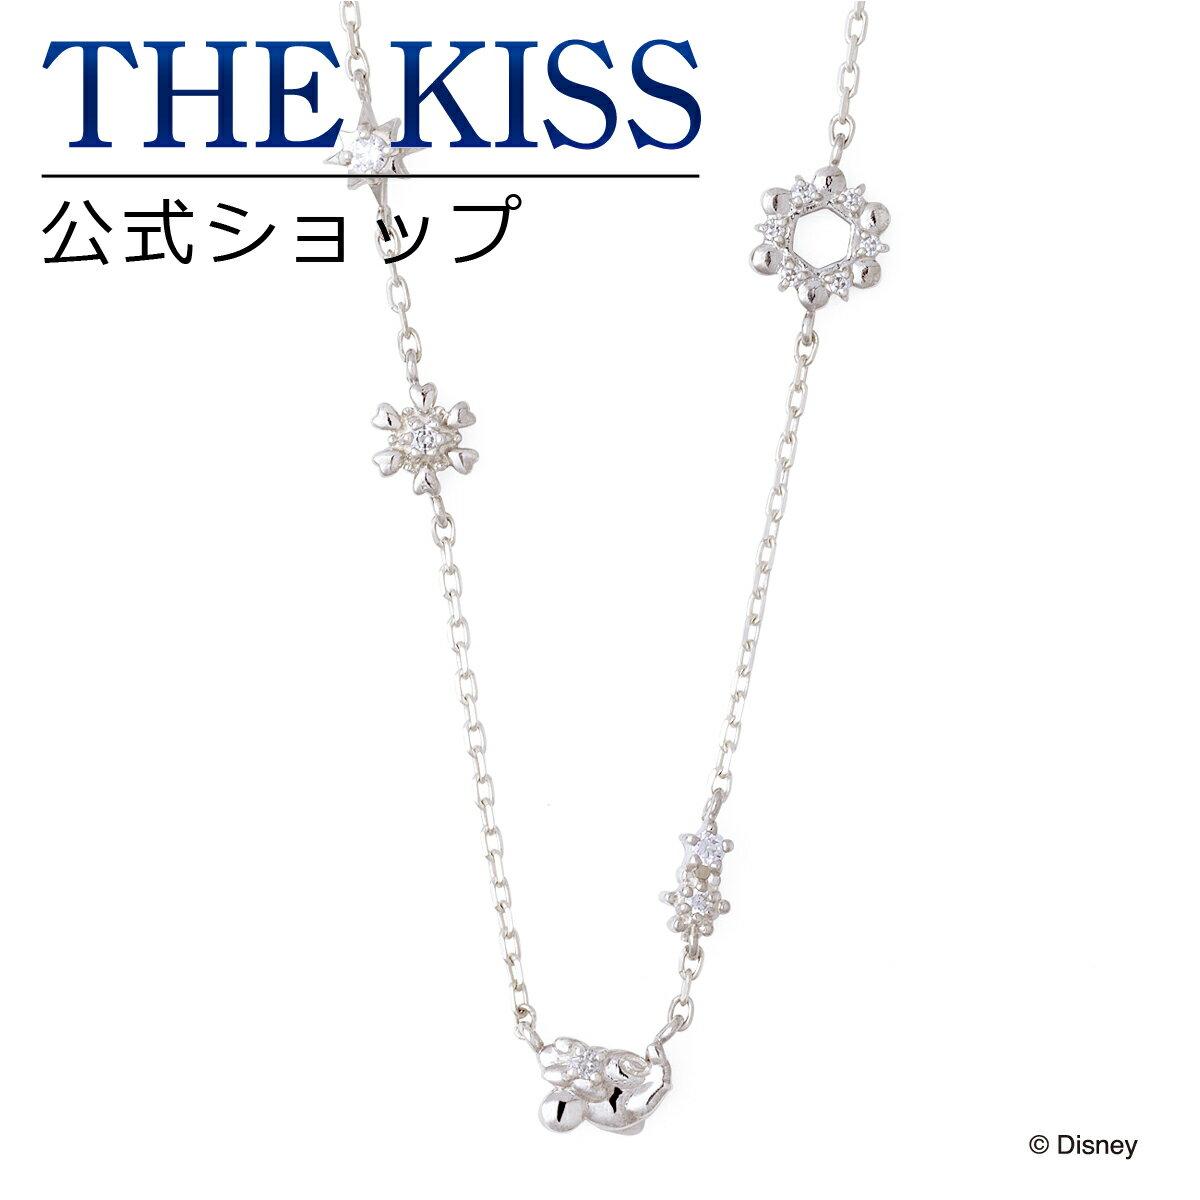 【あす楽対応】【ディズニーコレクション】 ディズニー / ネックレス / ミニーマウス / THE KISS ネックレス・ペンダント シルバー ダイヤモンド (レディース) DI-SN2920DM ザキス 【送料無料】【Disneyzone】